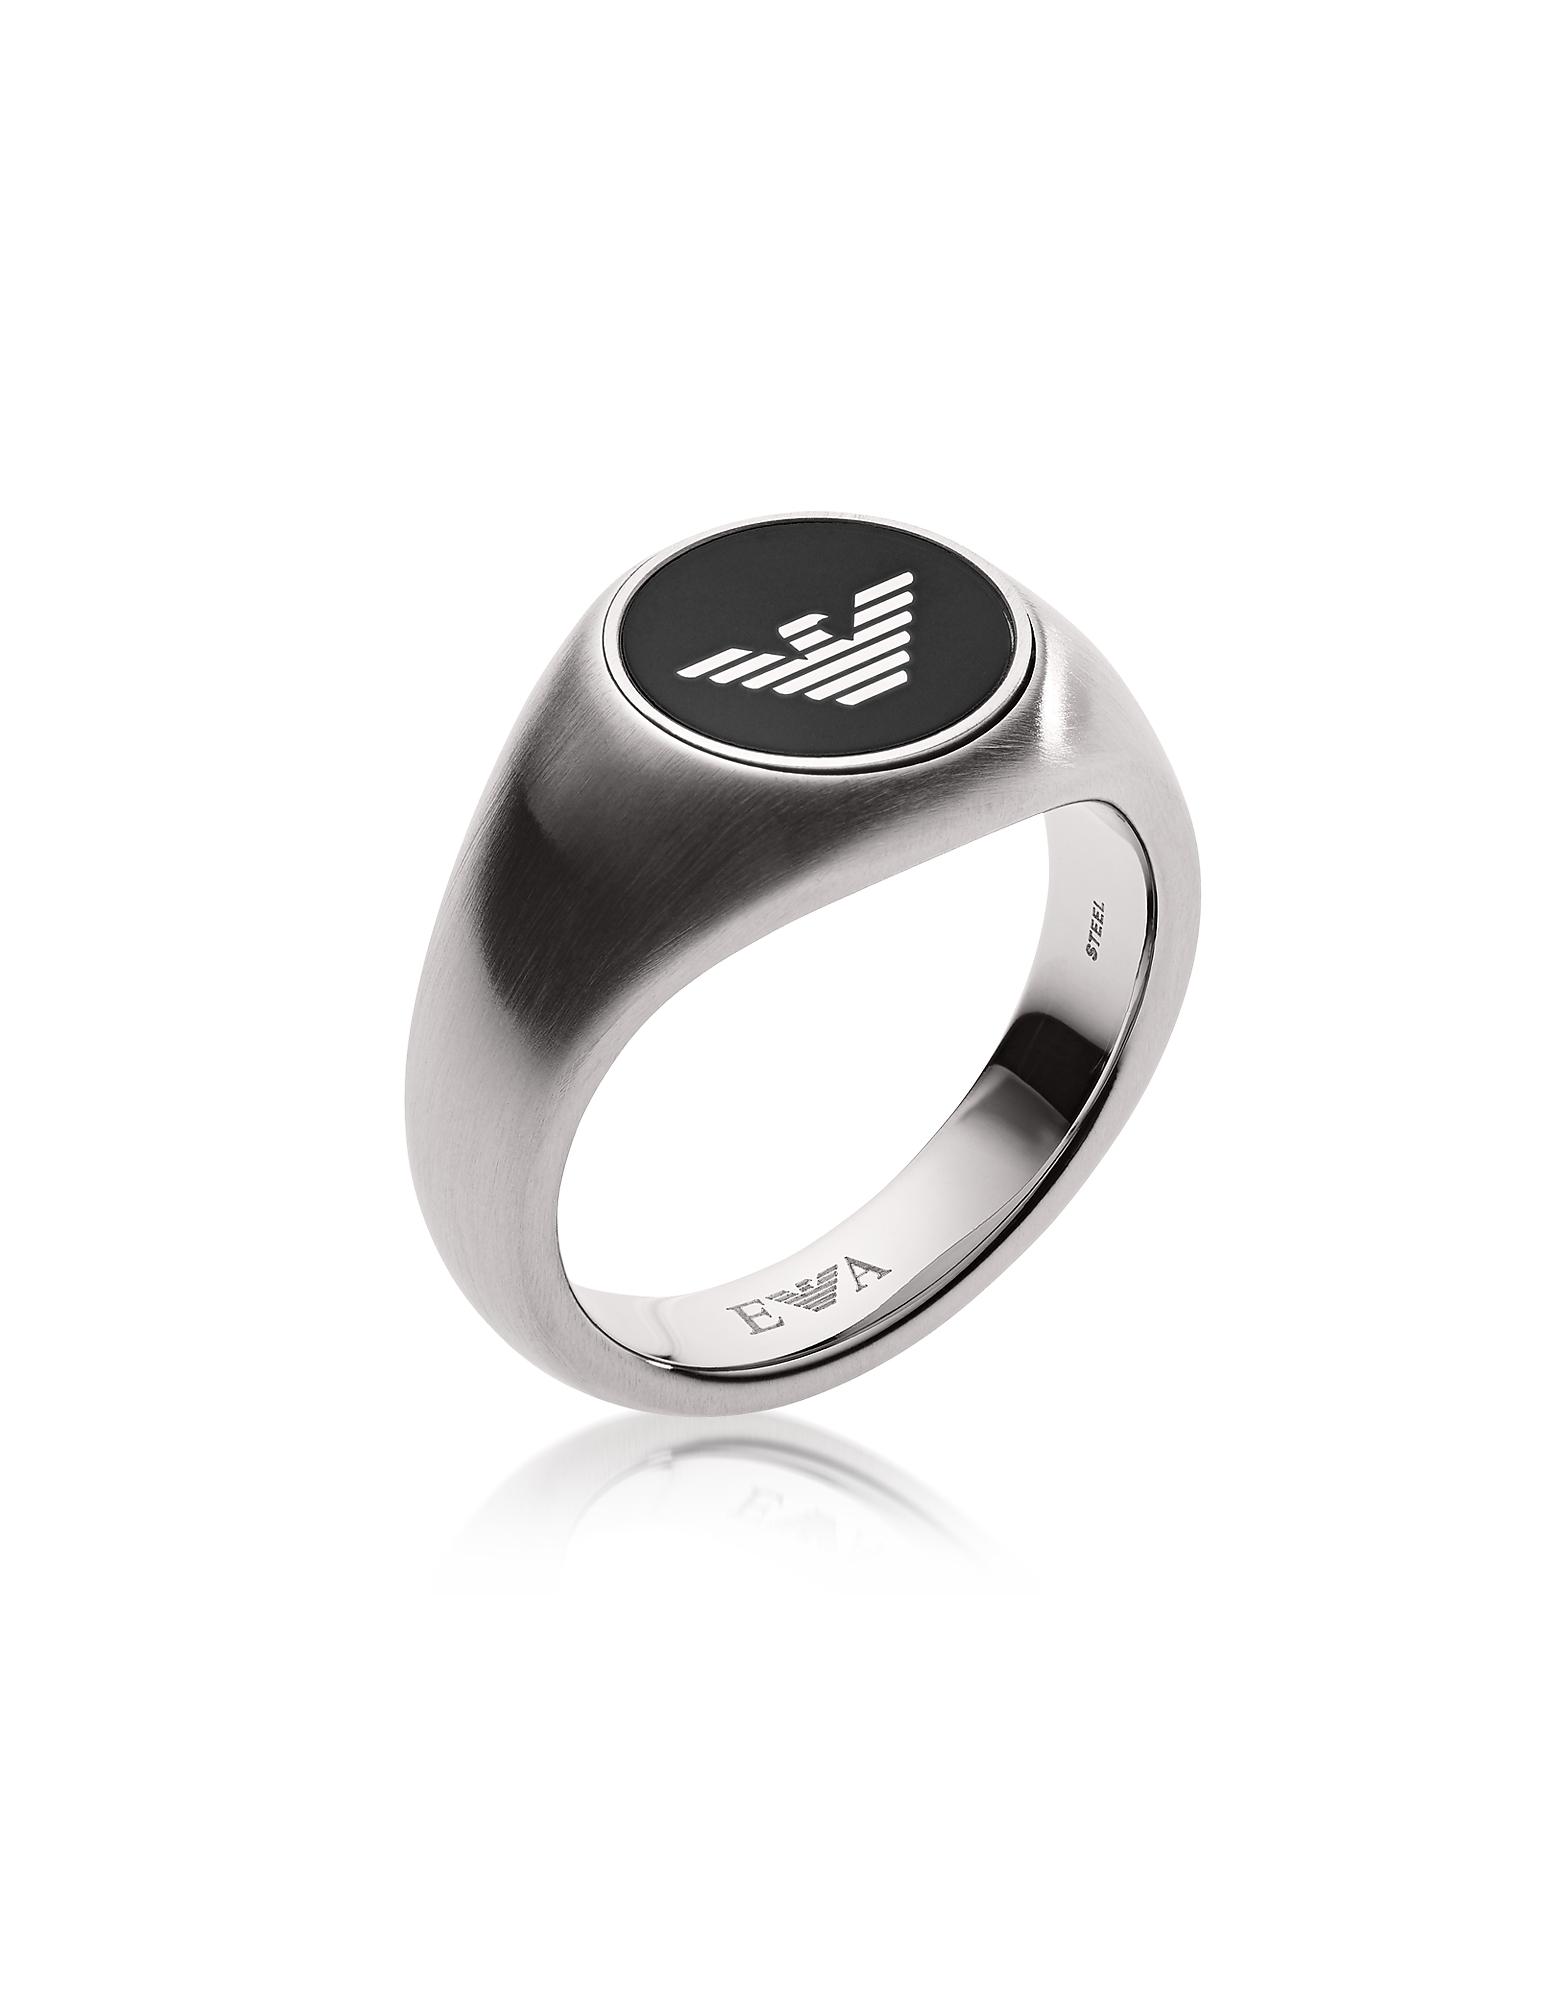 EGS2597040 - Men's Ring